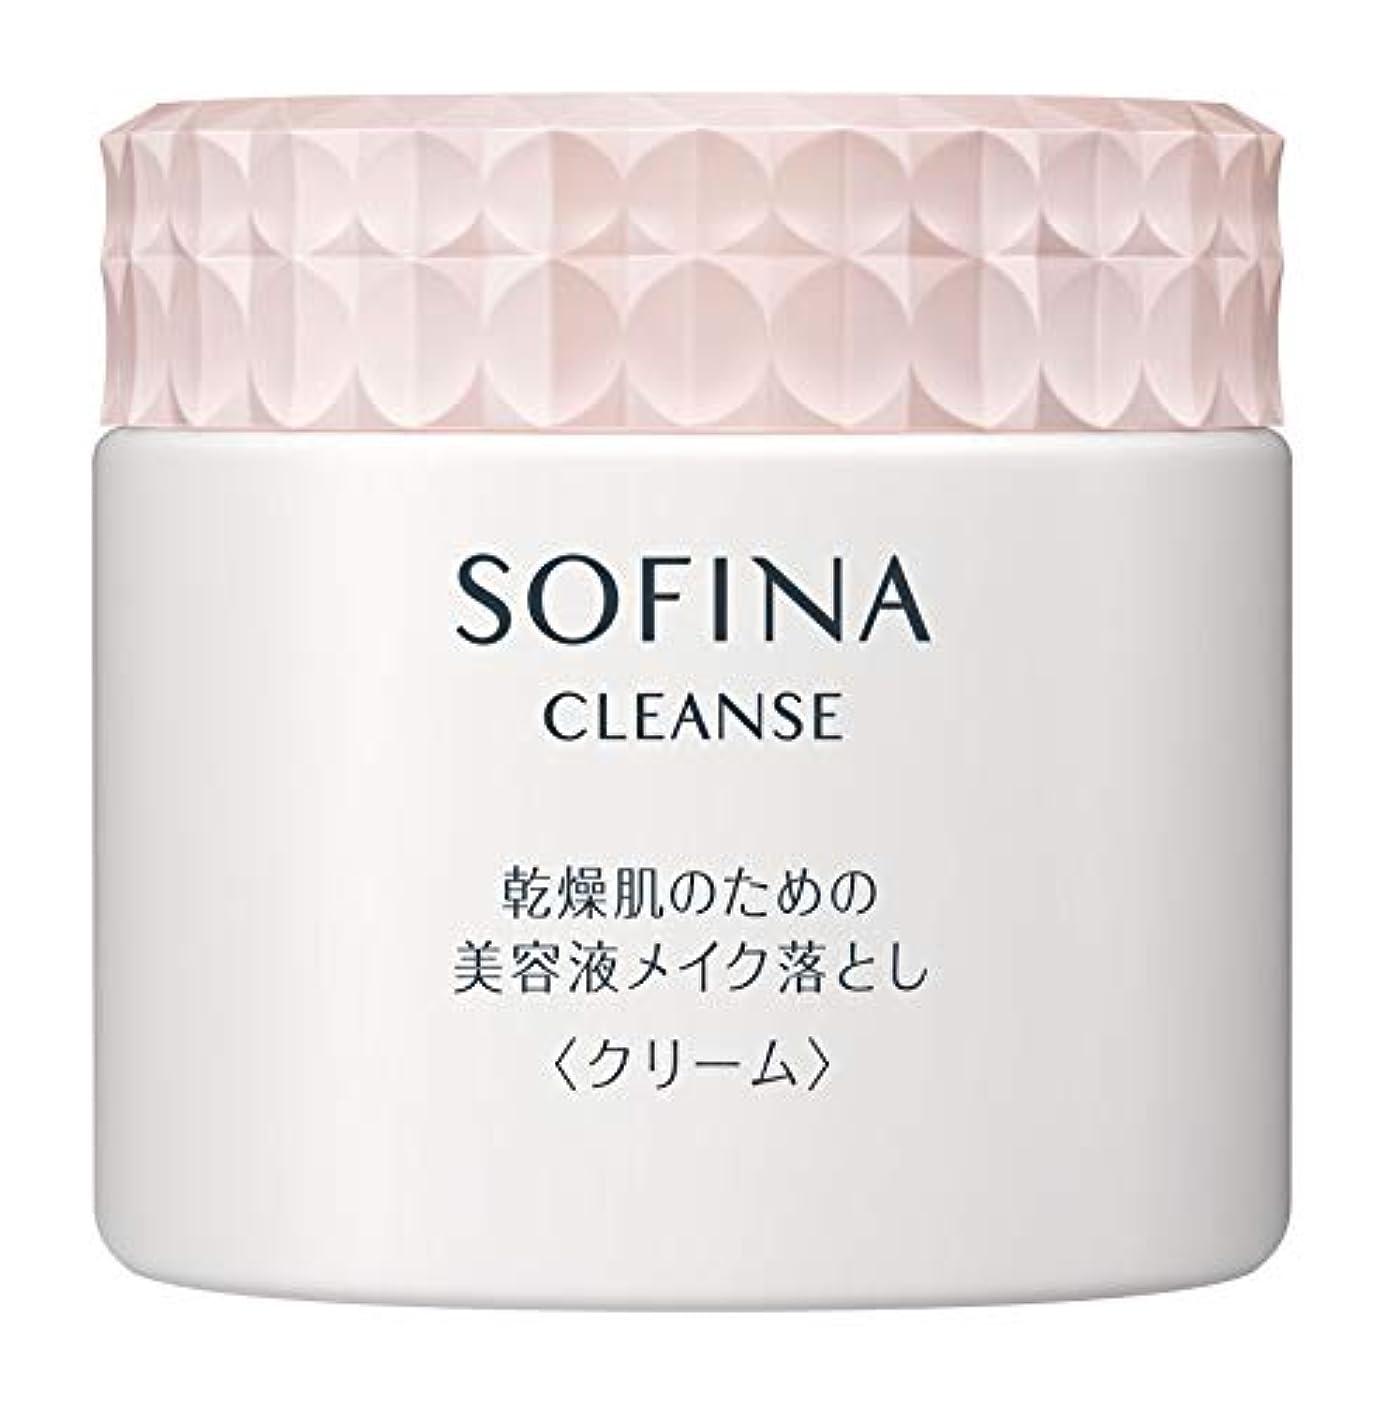 保護執着詳細にソフィーナ 乾燥肌のための美容液メイク落とし クリーム 200g